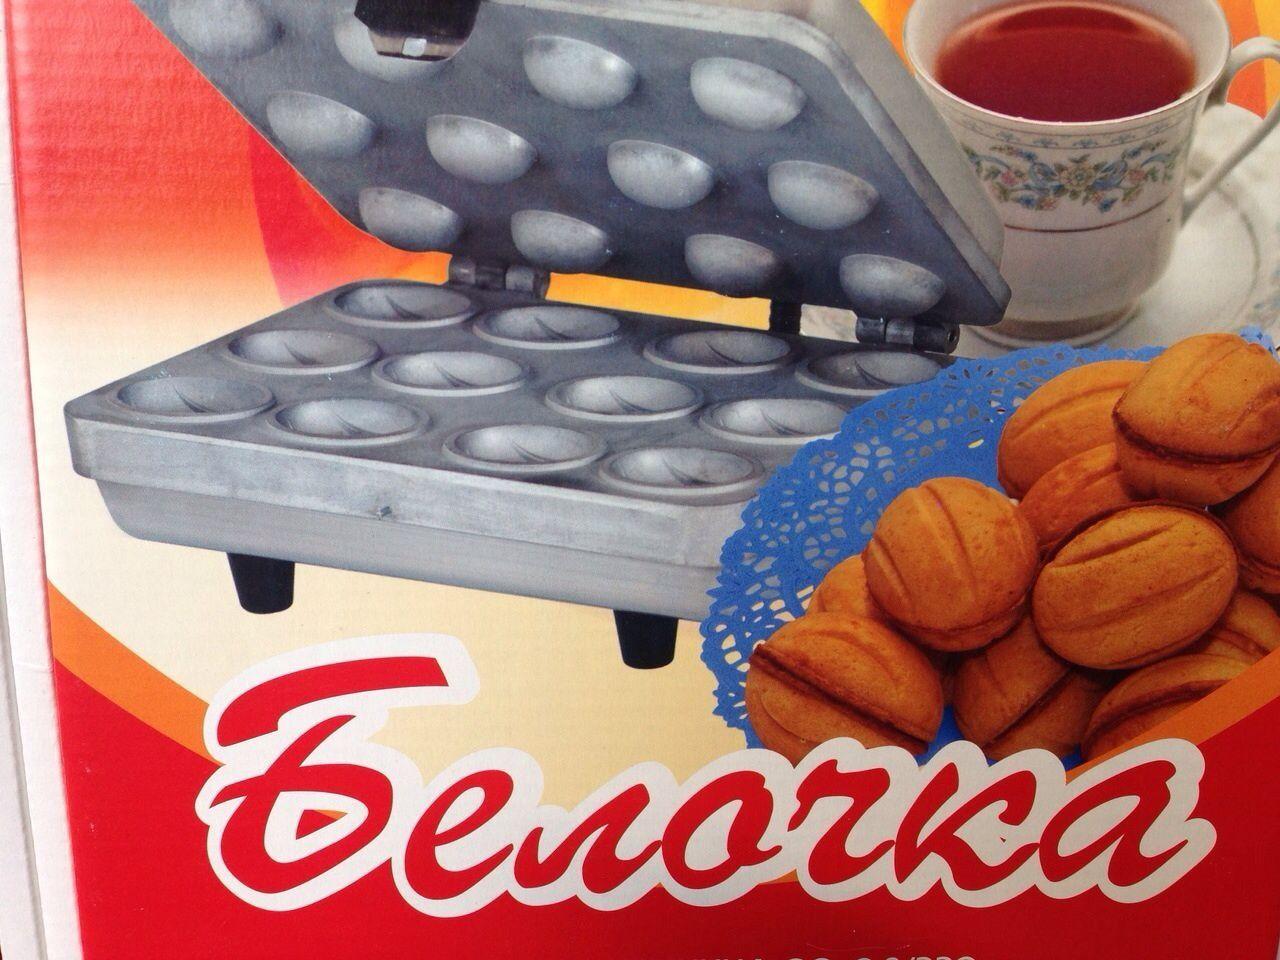 Орешница электрическая Белочка (Россия)